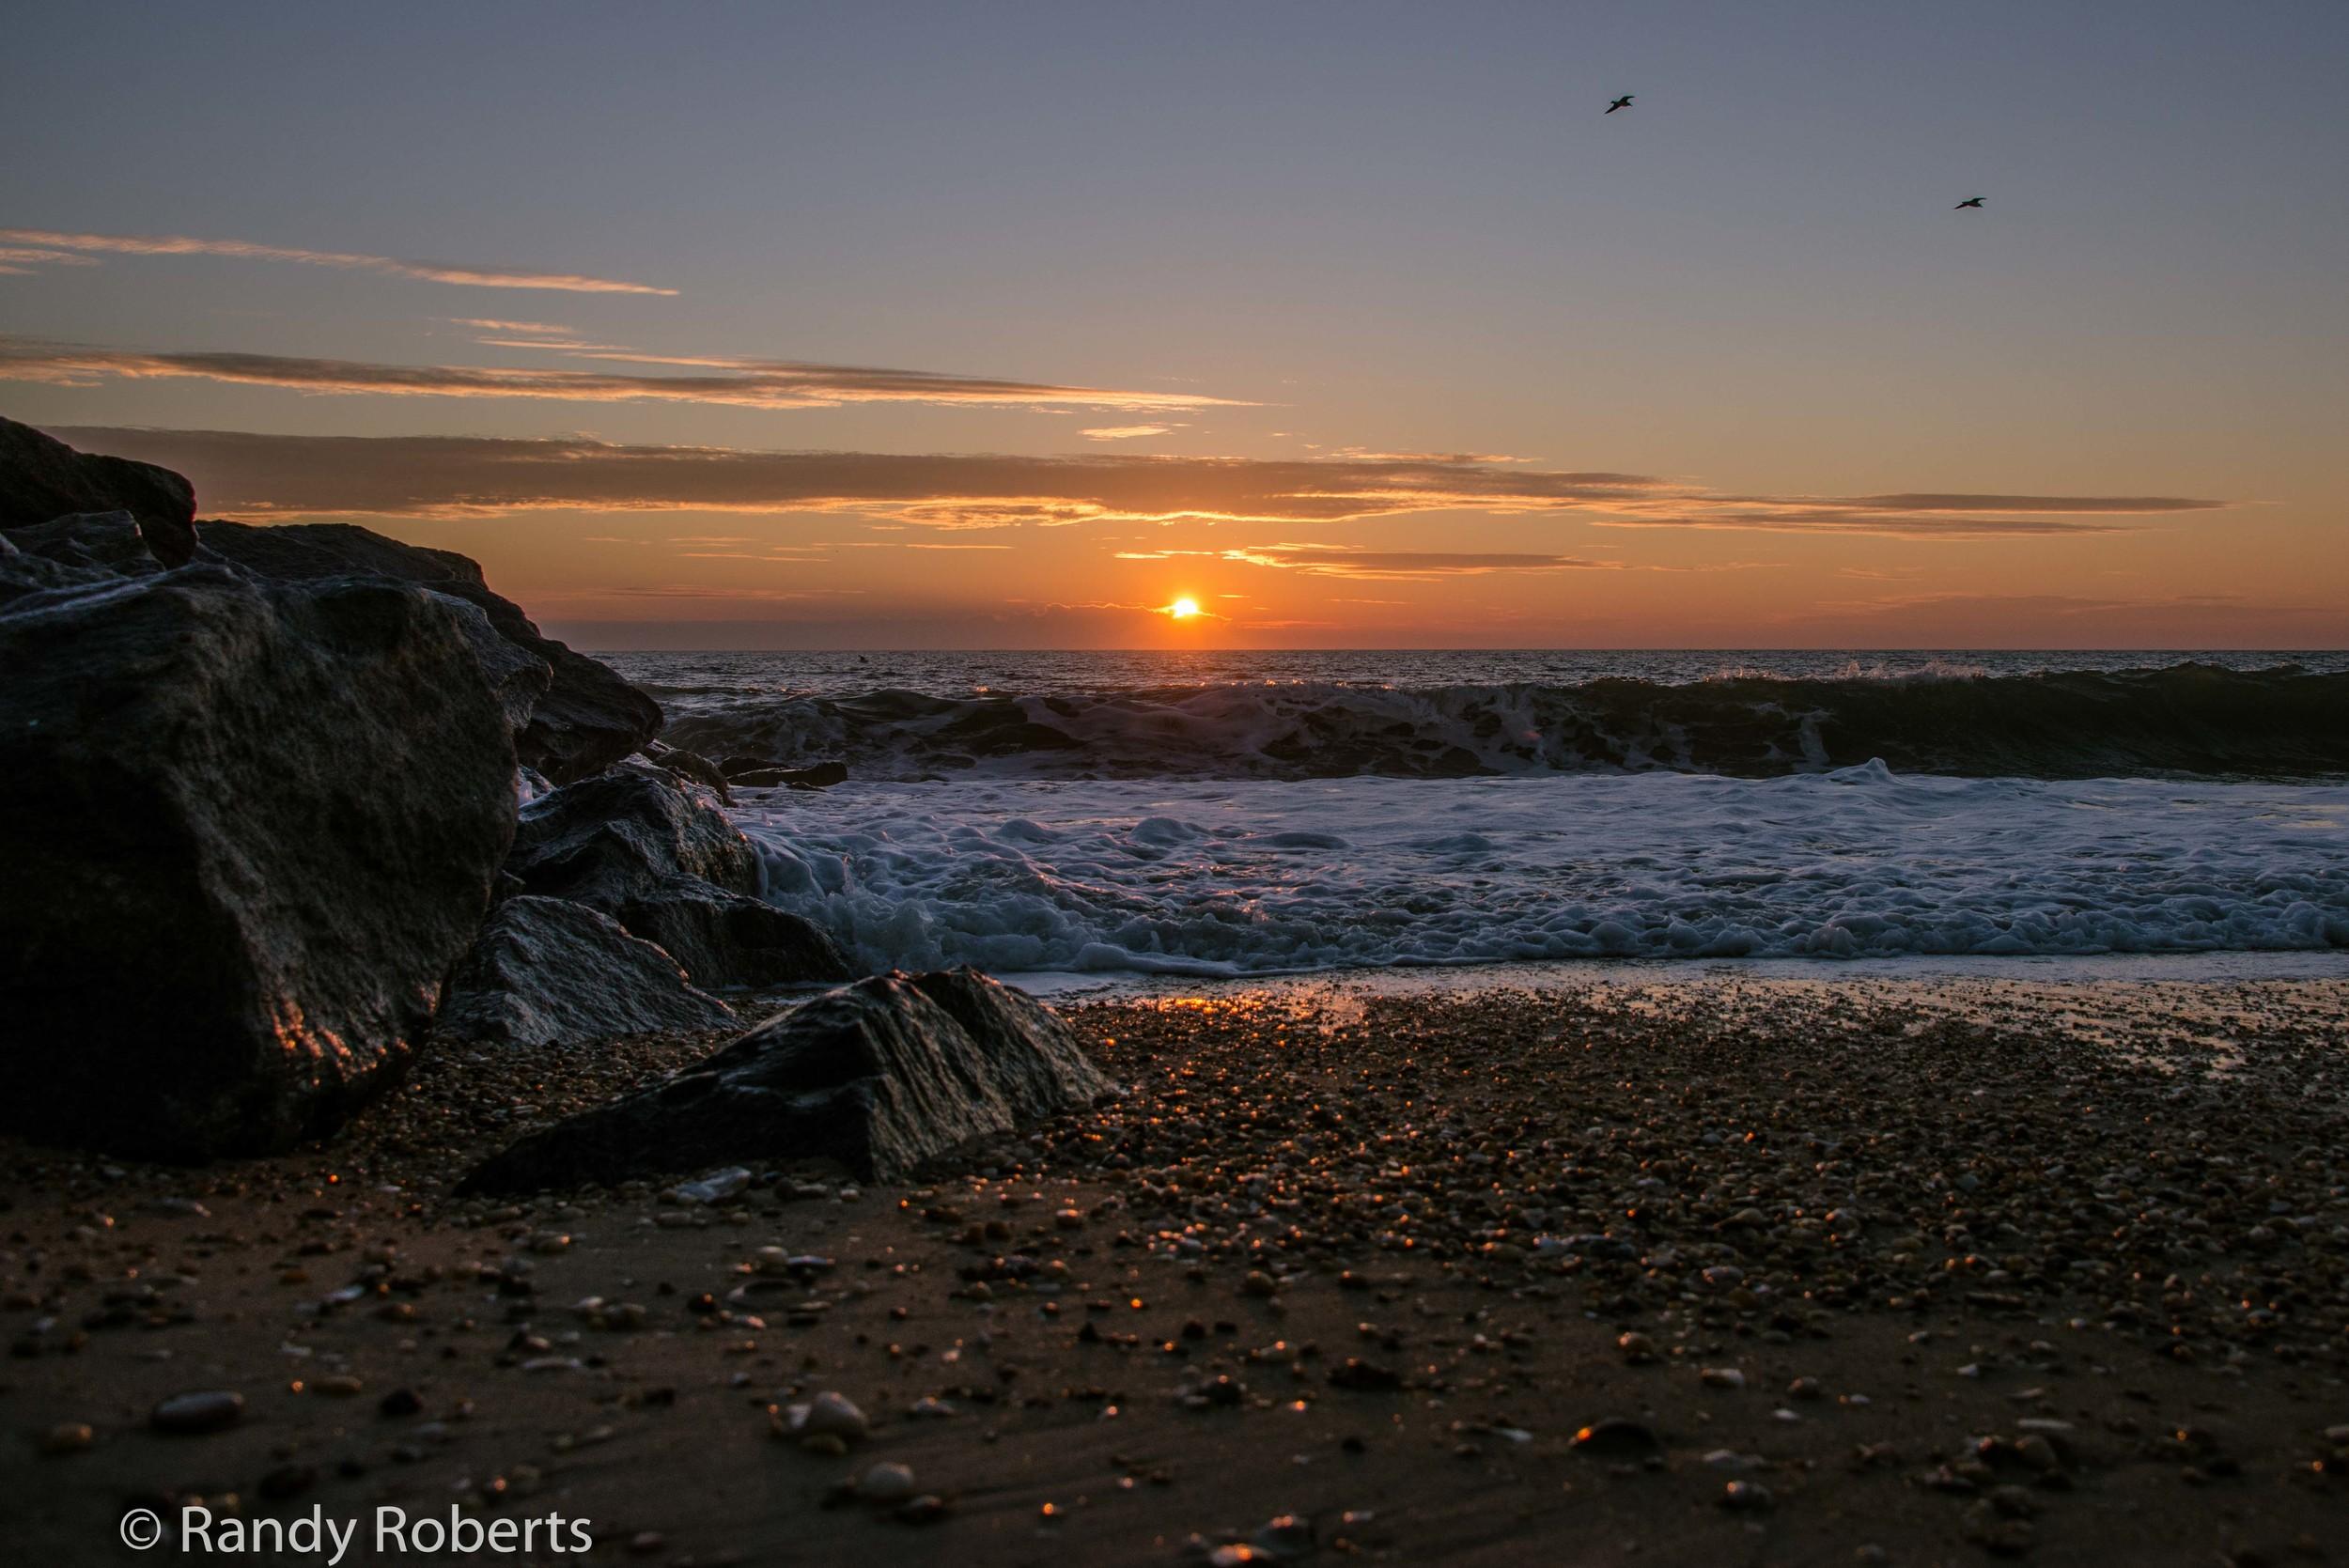 Rocks & Waves of Herring Point